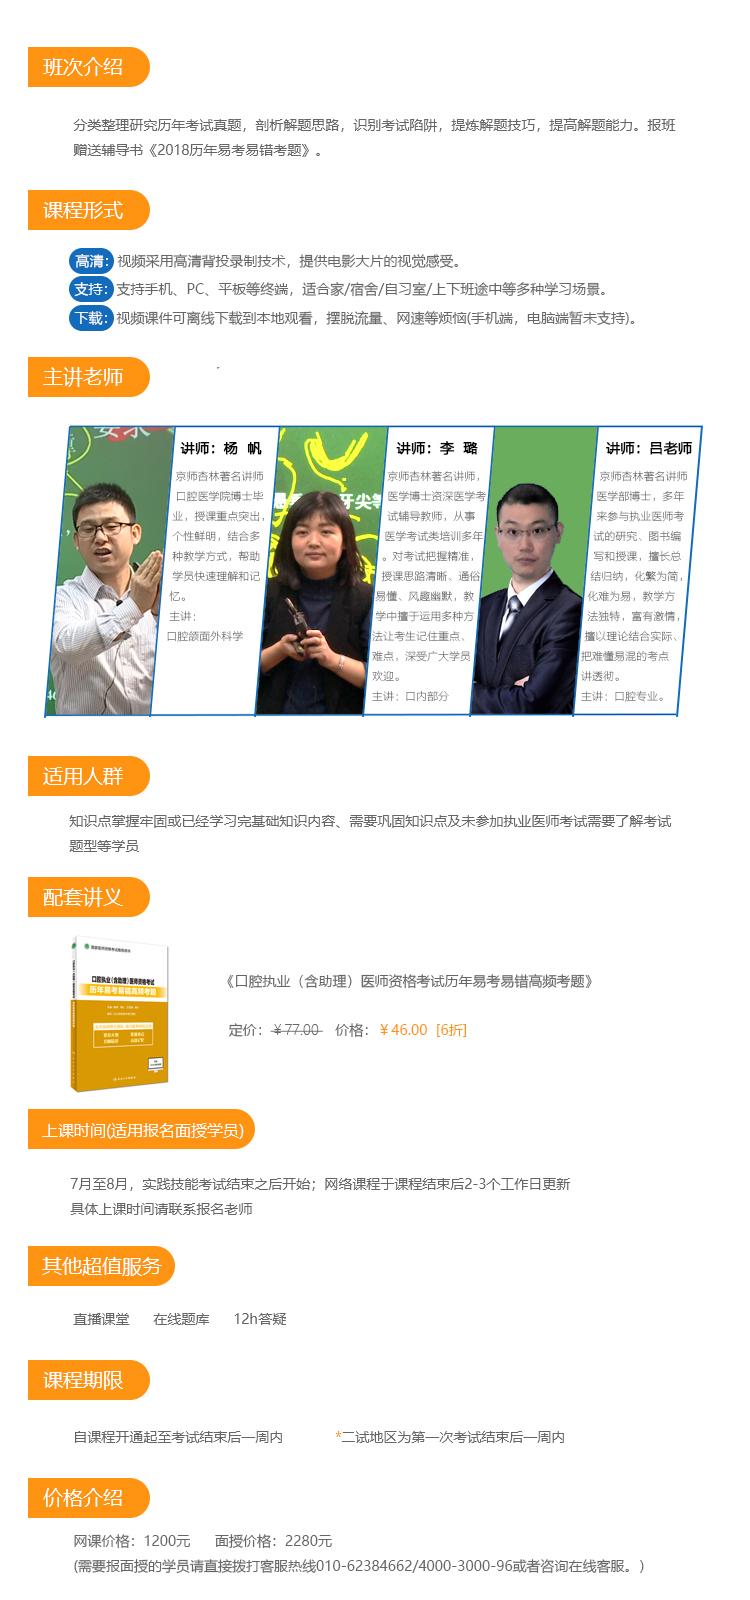 【口腔】真题题库精讲B班模板.jpg